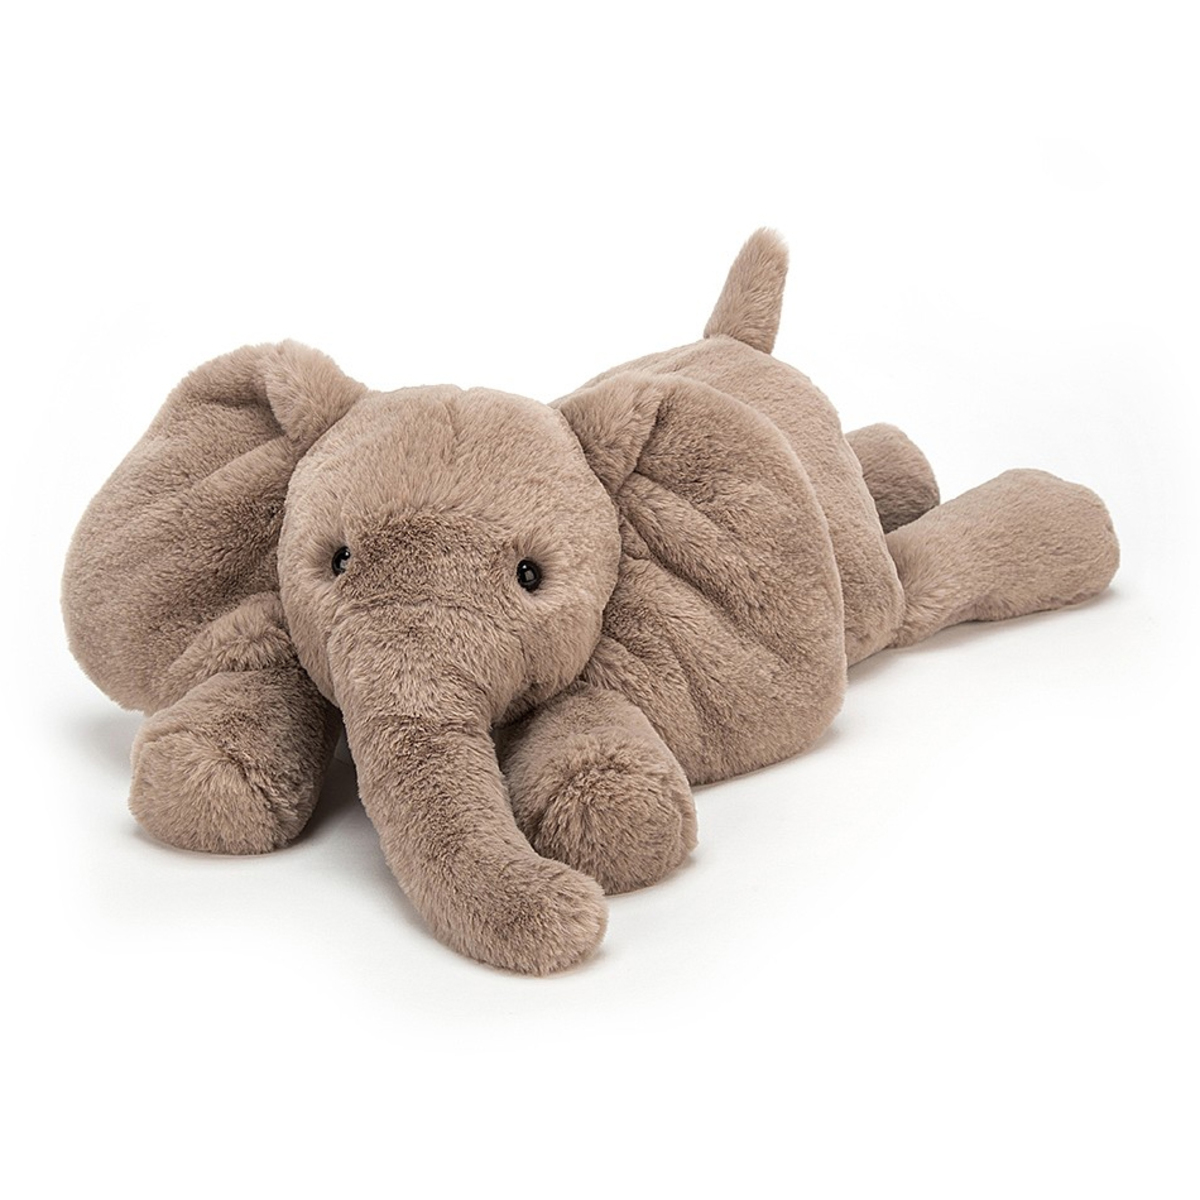 Peluche Smudge Elephant - Large Smudge Elephant - Large